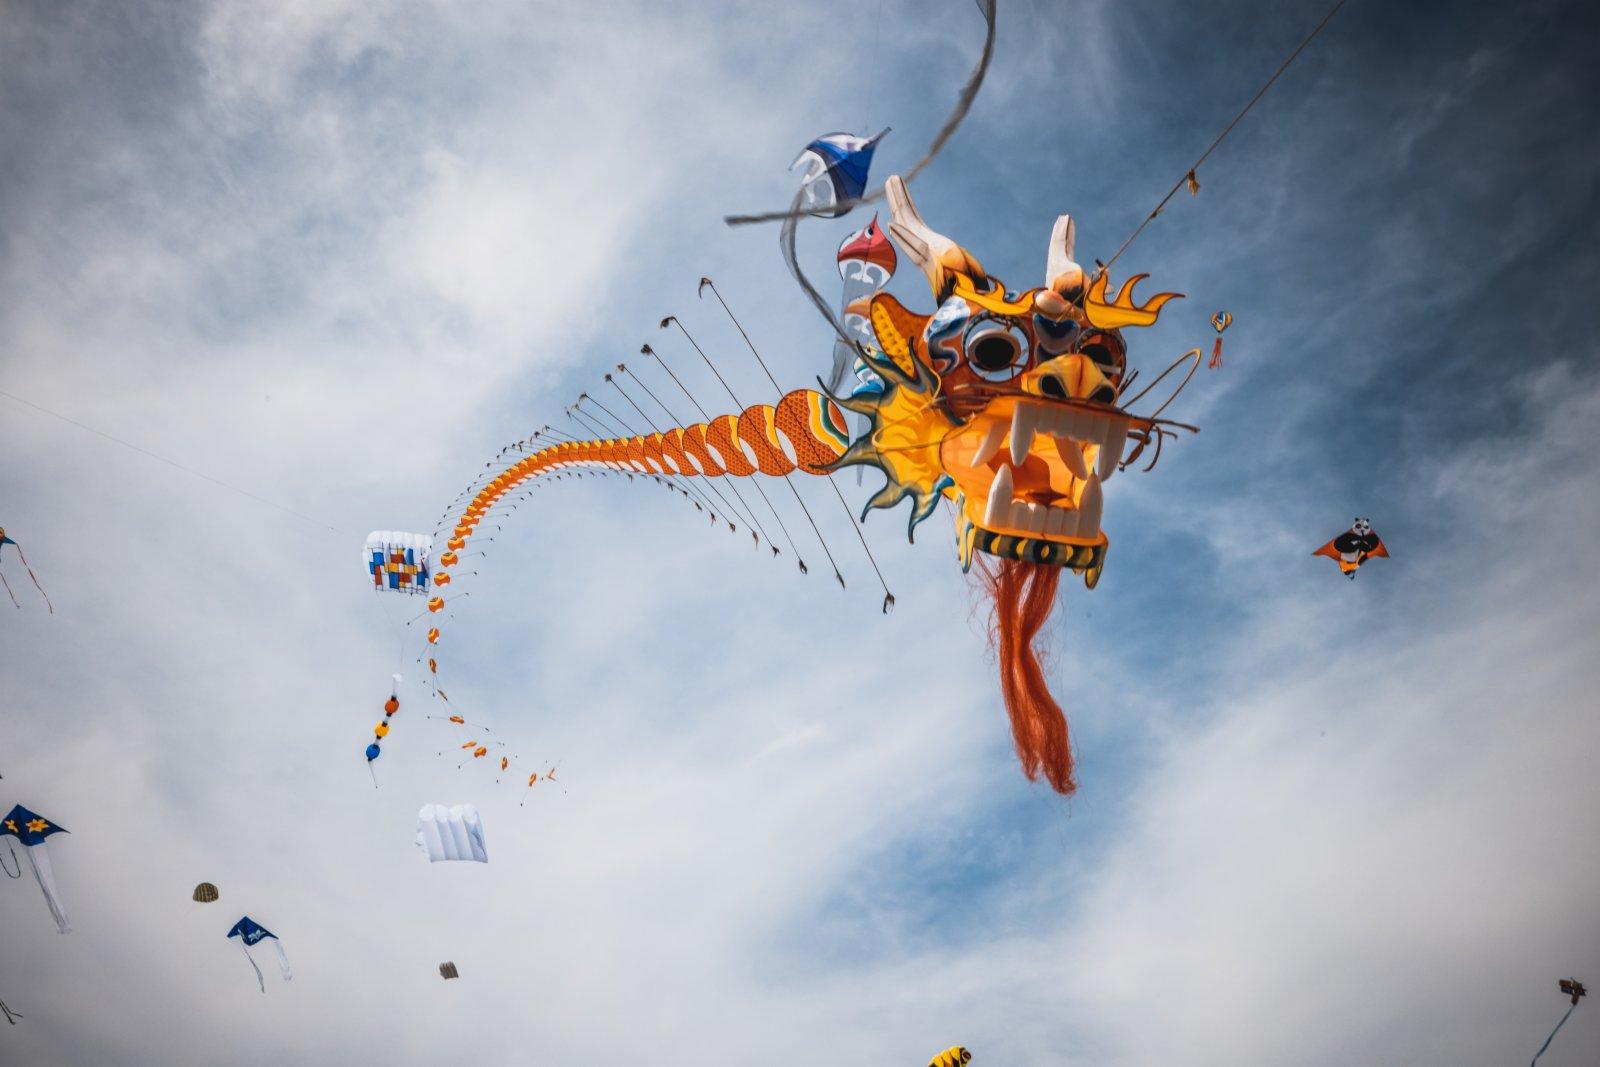 這是2月6日在新西蘭惠靈頓北部小鎮奧塔基海灘上拍攝的龍形風箏。該風箏由惠靈頓中國文化中心推出。